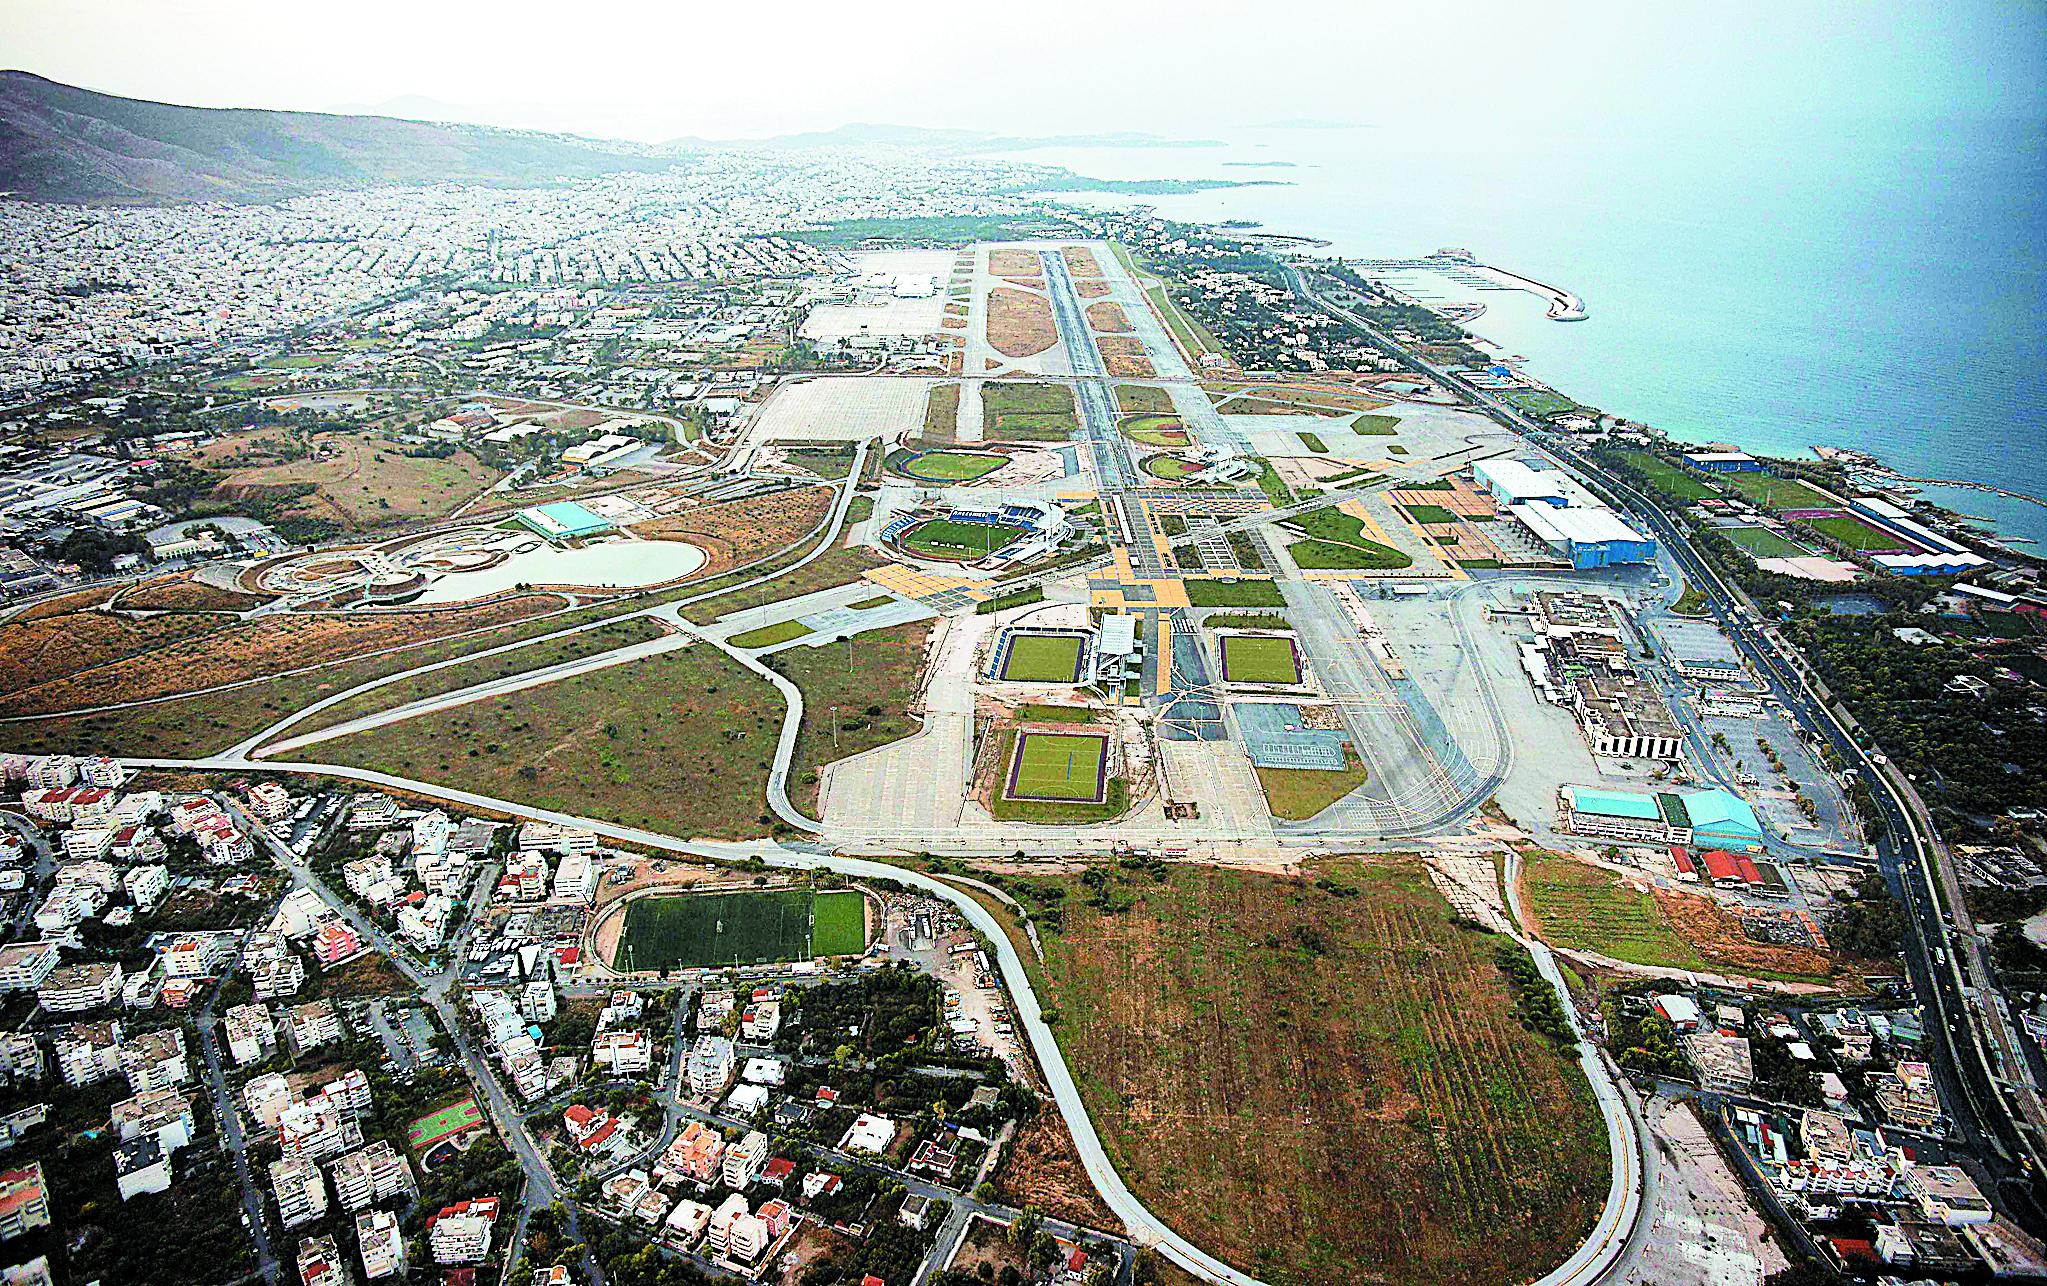 ΣΥΡΙΖΑ: Η σύμβαση για το Ελληνικό είναι παράνομη | tovima.gr